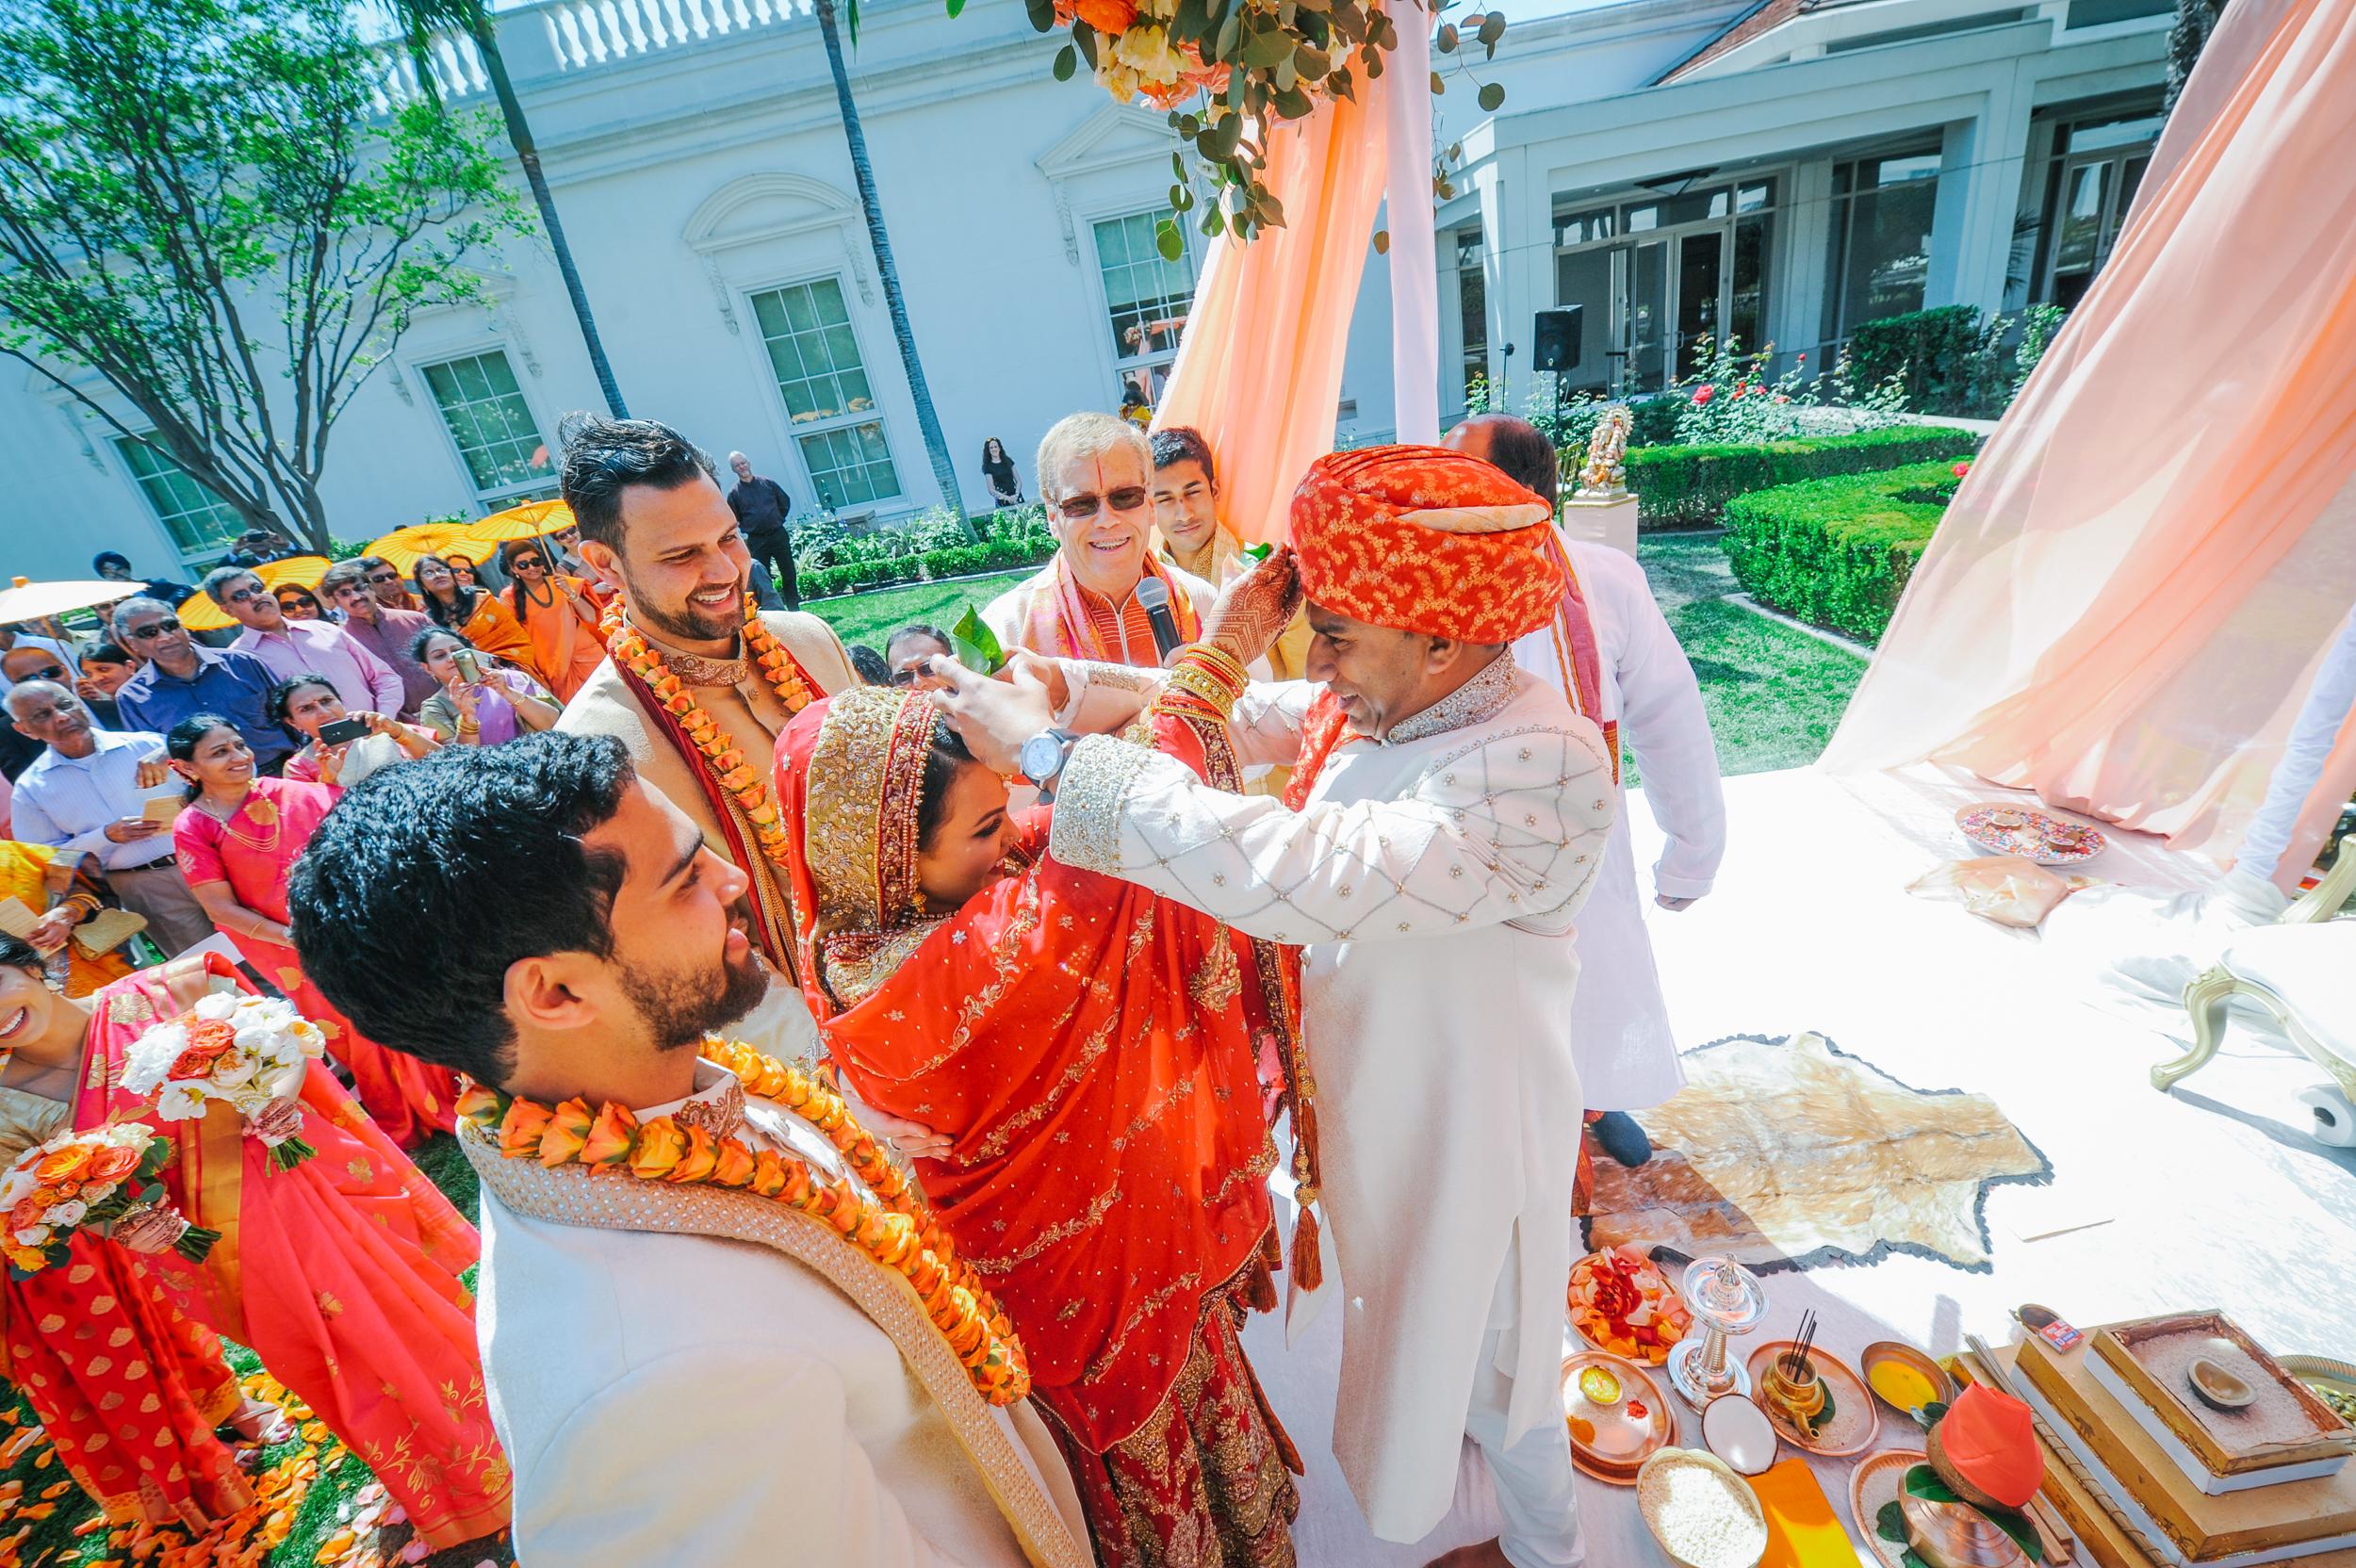 JKP_Indian_Weddings_0163.JPG